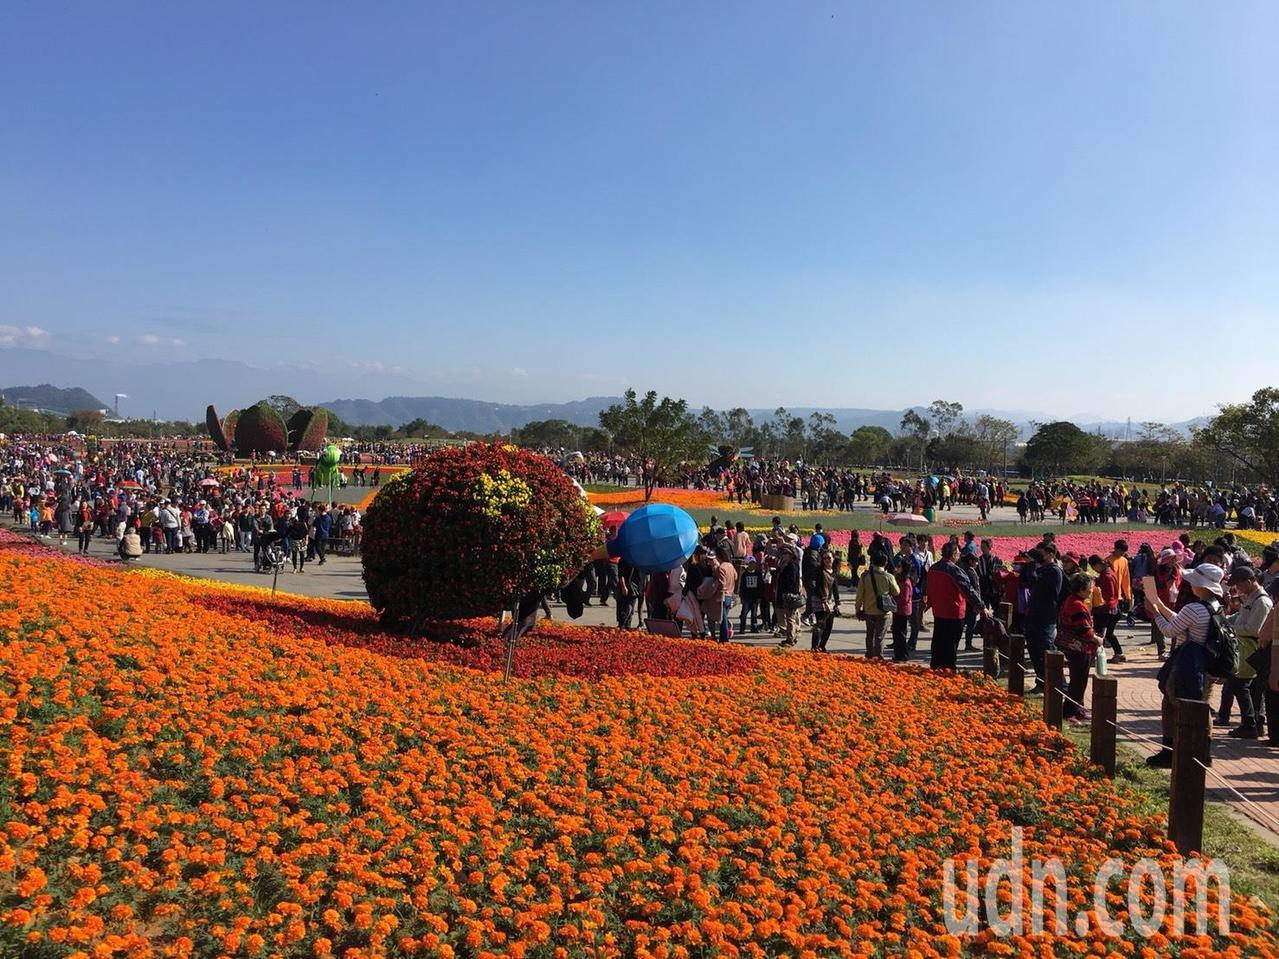 國際花毯節第六天邁入56萬大關,為迎接元旦連績假期的高人氣,市府接駁車嚴陣以待。...